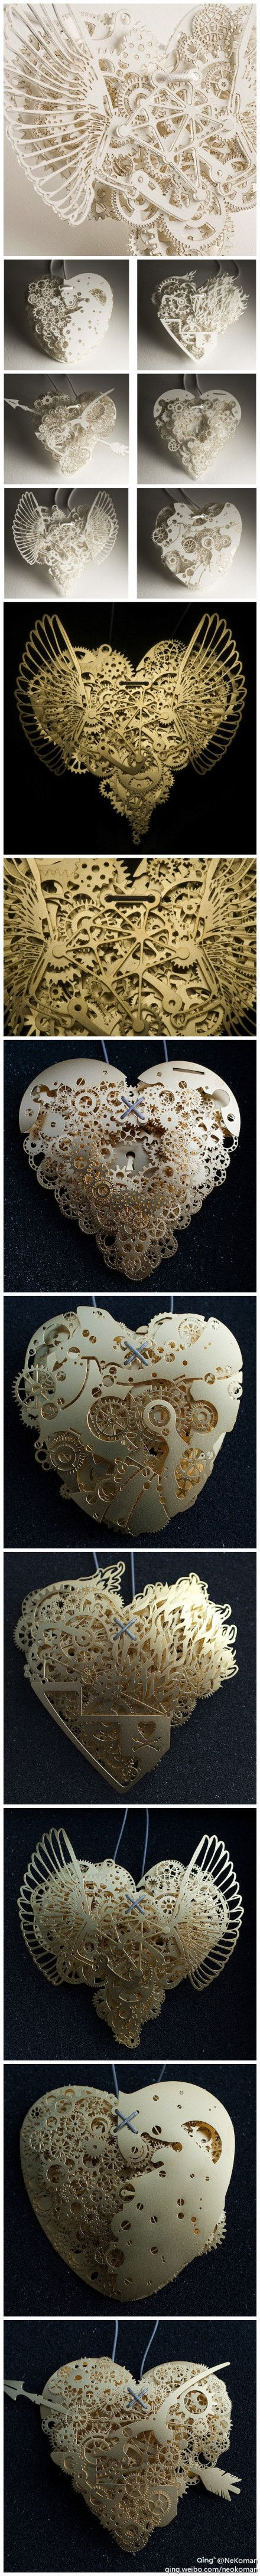 Tutorial origami, the art of ... mechanical heart, paper sculpture art! Steampunk. sarah- heart form